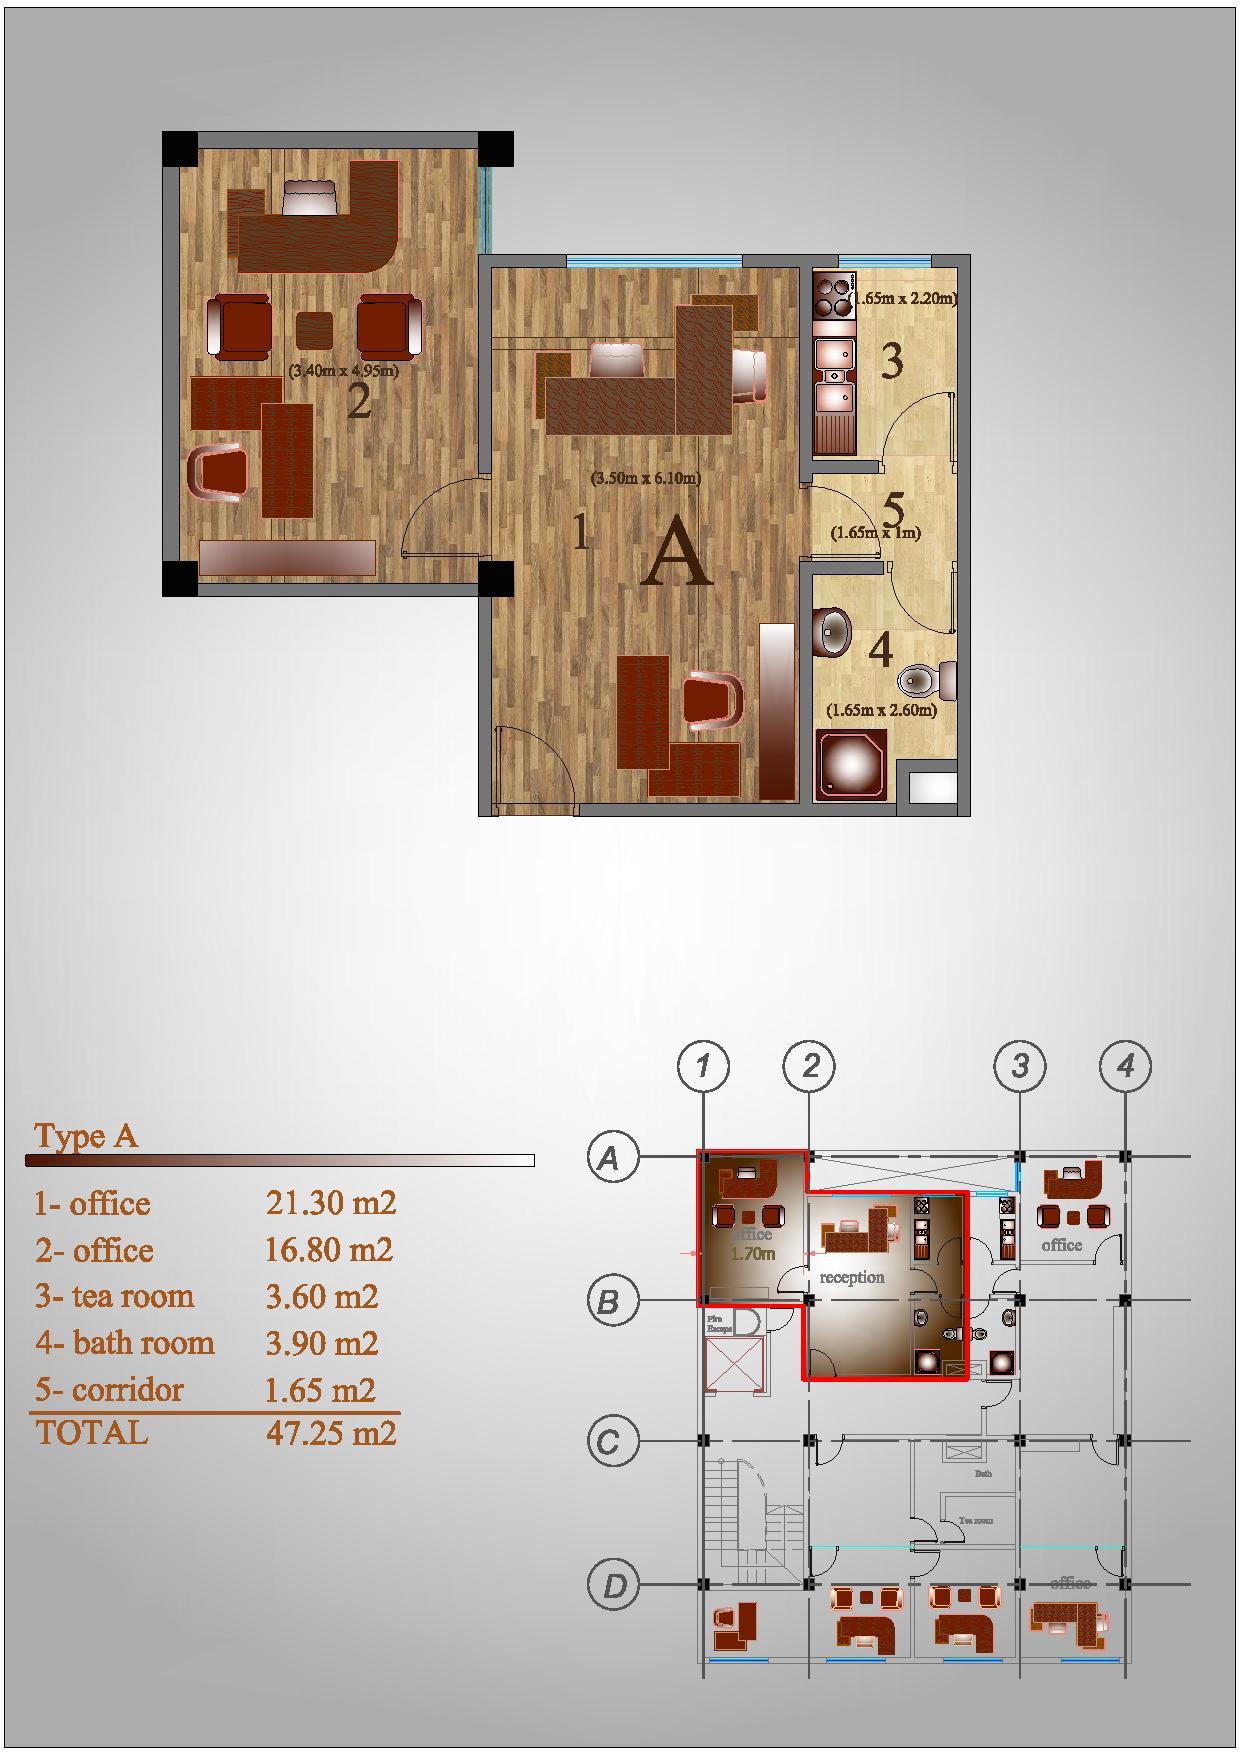 2-page-001 - IZ Development